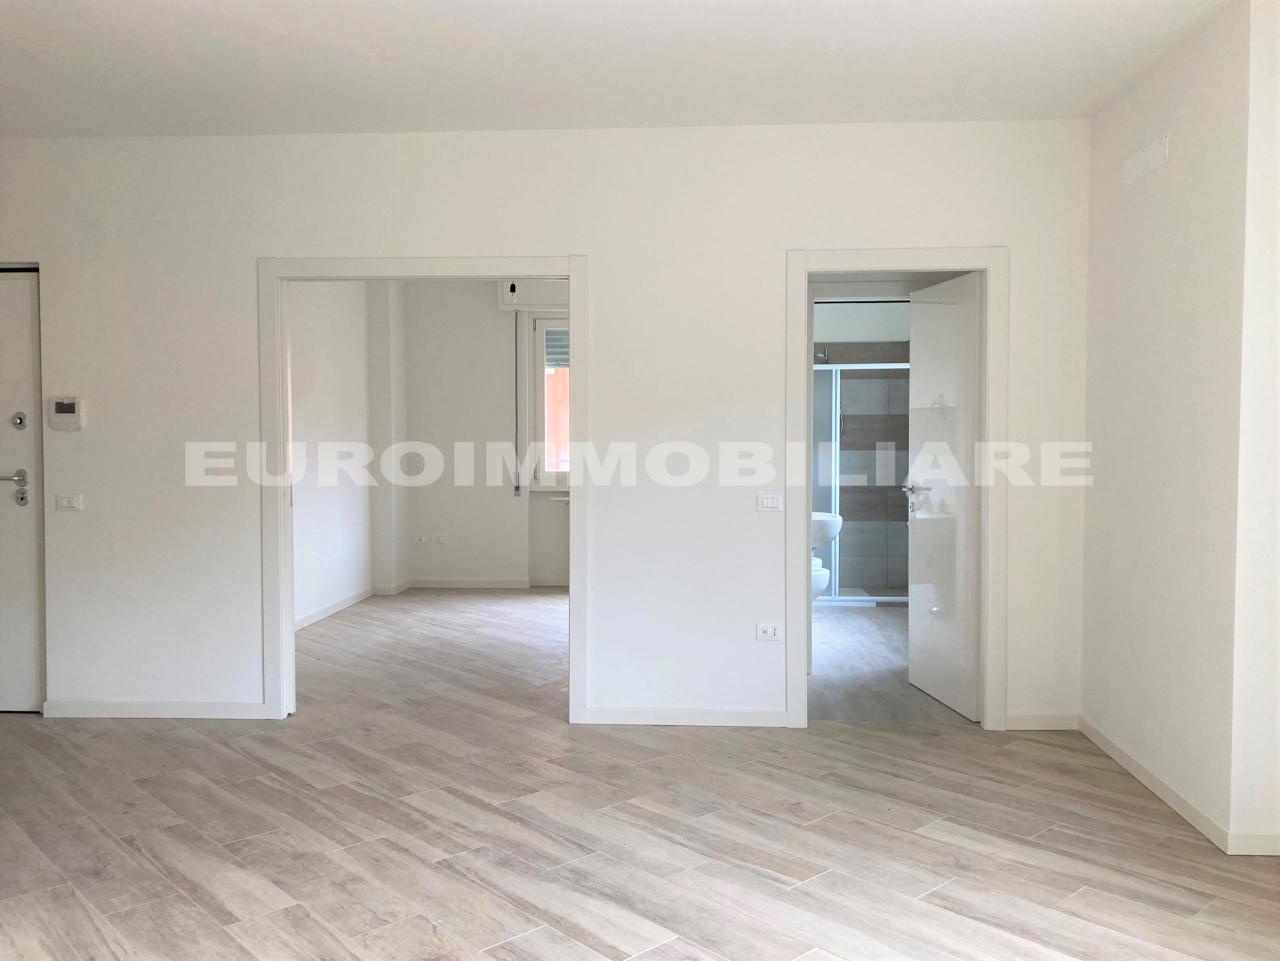 Appartamento in affitto a Brescia, 4 locali, prezzo € 900 | CambioCasa.it